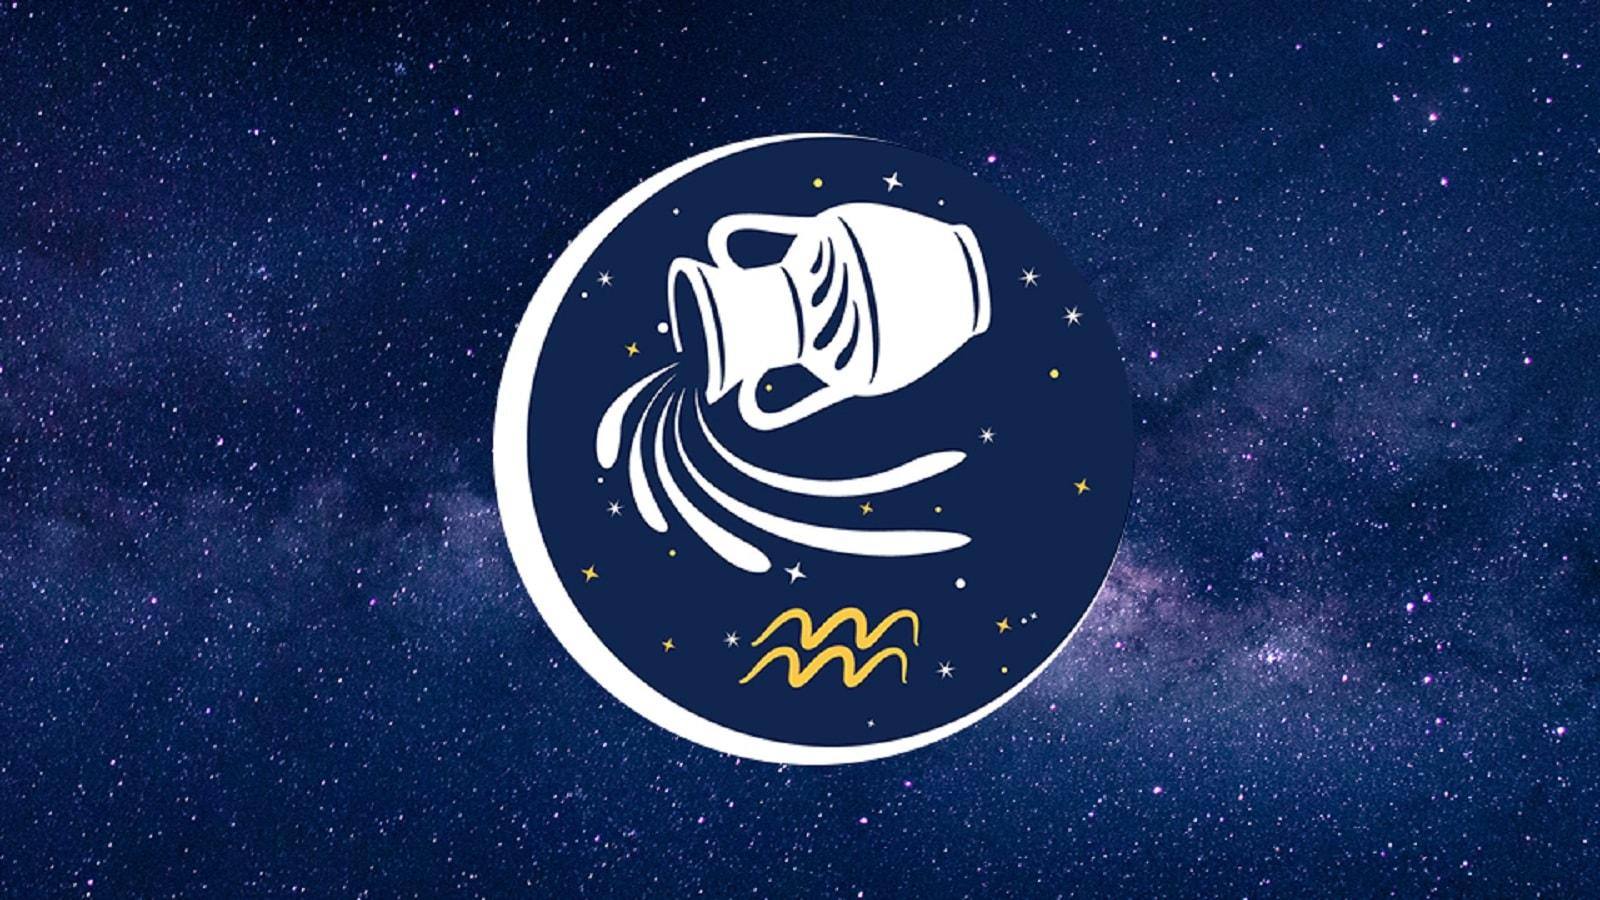 কুম্ভ- আইনি সমস্যা থেকে স্বস্তি পাবেন।আদালতের মামলায় জয় লাভ করবেন। শুভ কাজ শুরু হবে। জ্ঞান ও চিত্রকলায় রুচি বাড়বে। পরিবারে শুভ কাজের রূপরেখা তৈরি হবে।